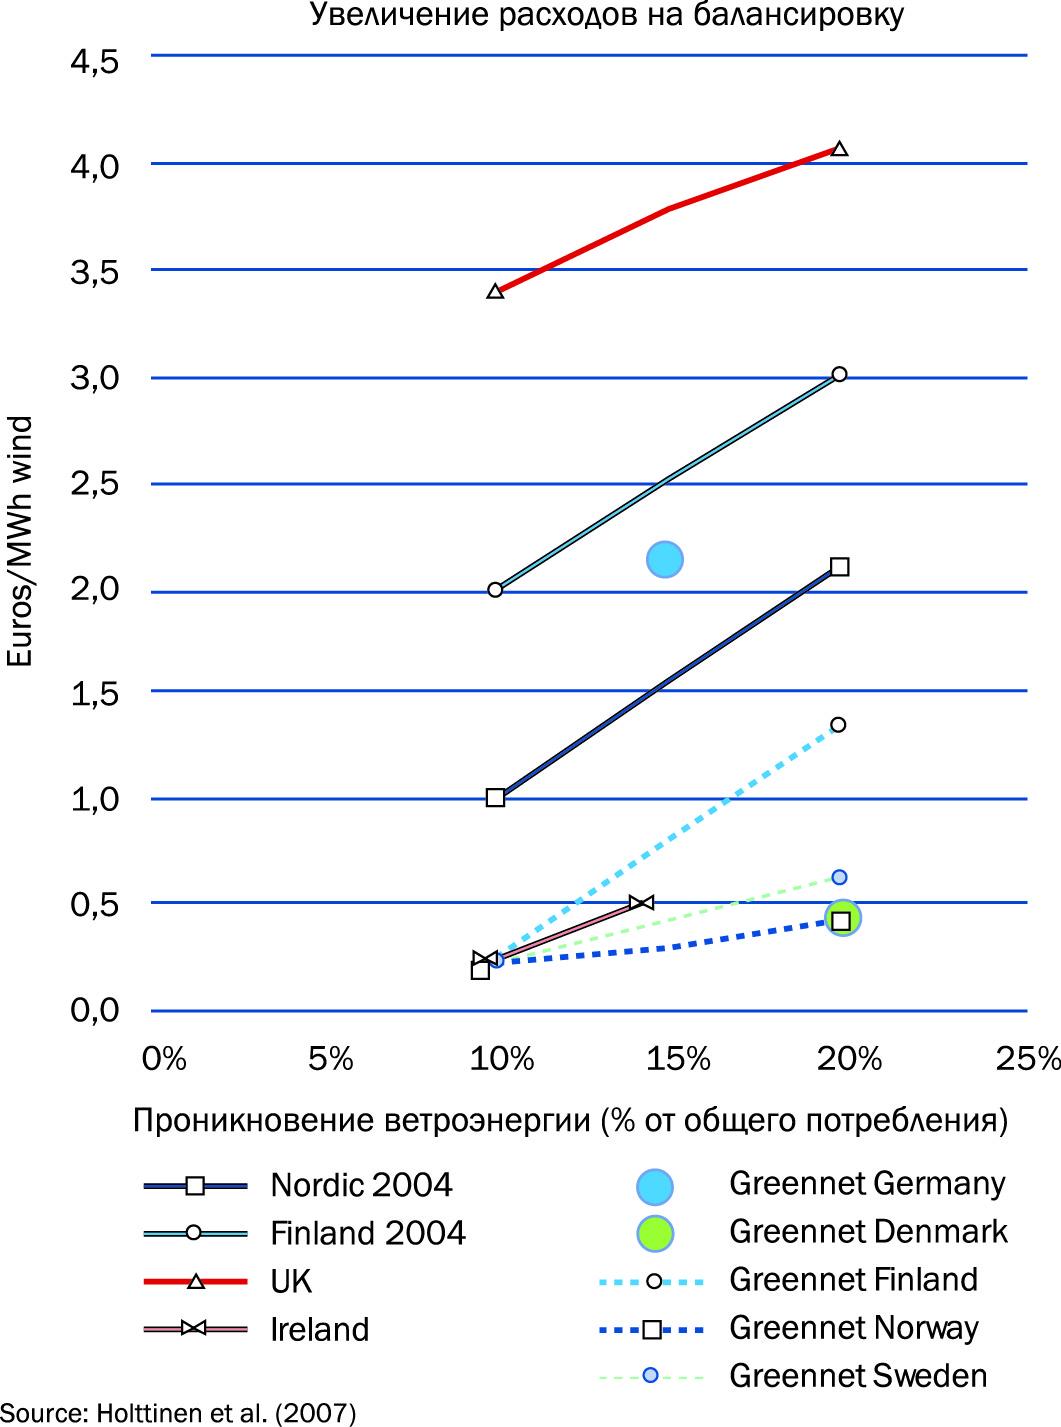 Оценка расходов на балансировку и эксплуатационных расходов на ветроэнергетику